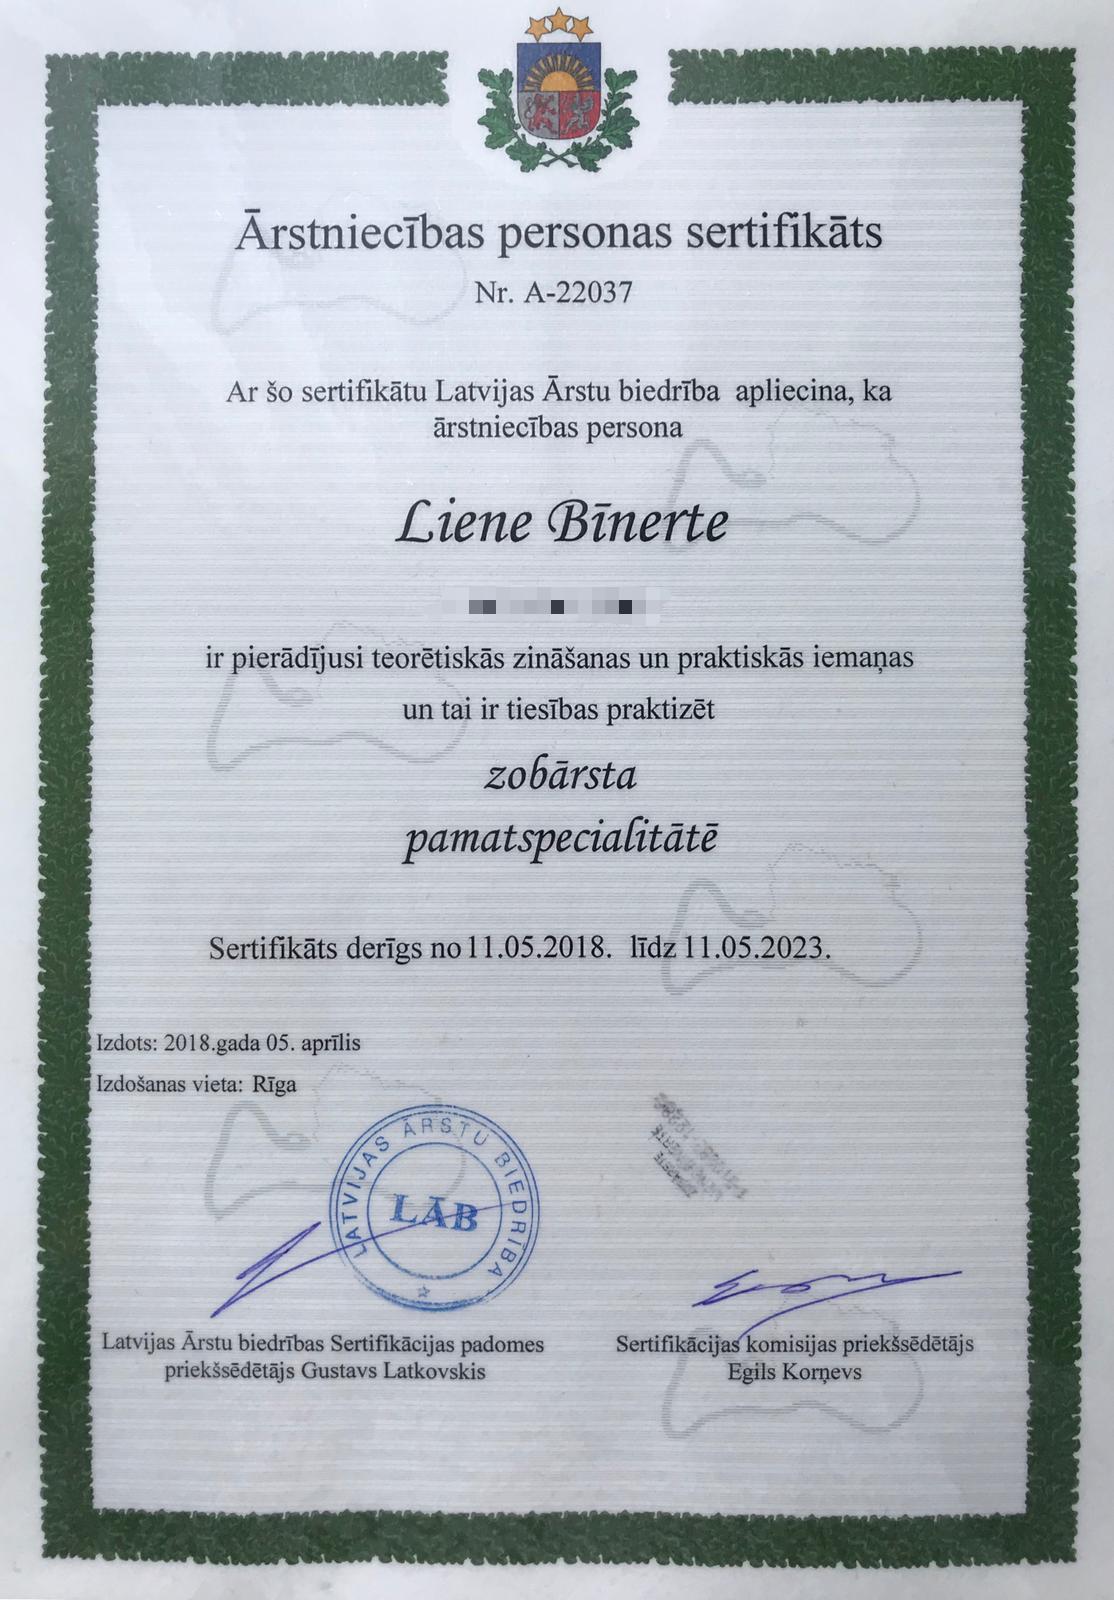 Sertifikāts - L. Bīnerte